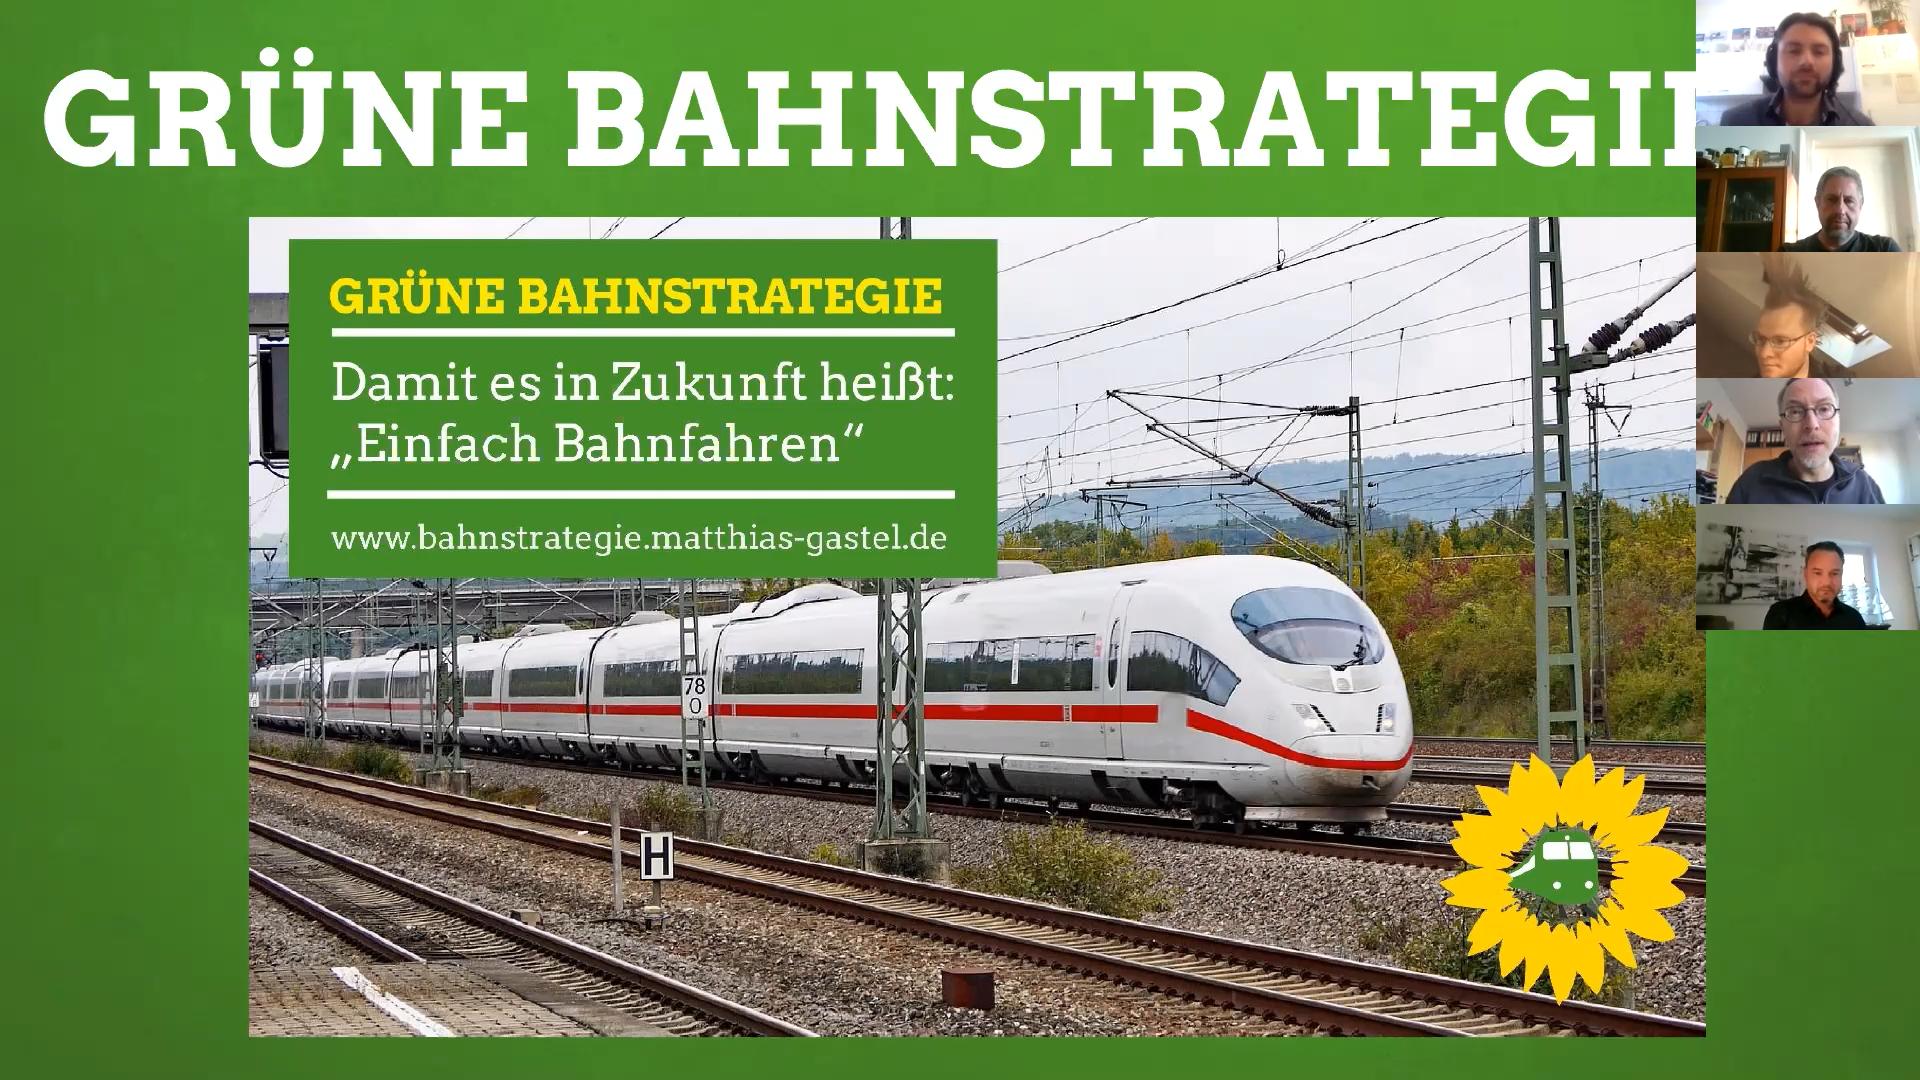 Bahnpolitik im Allgäu: mehr Fahrdraht und mehr Gleise notwendig